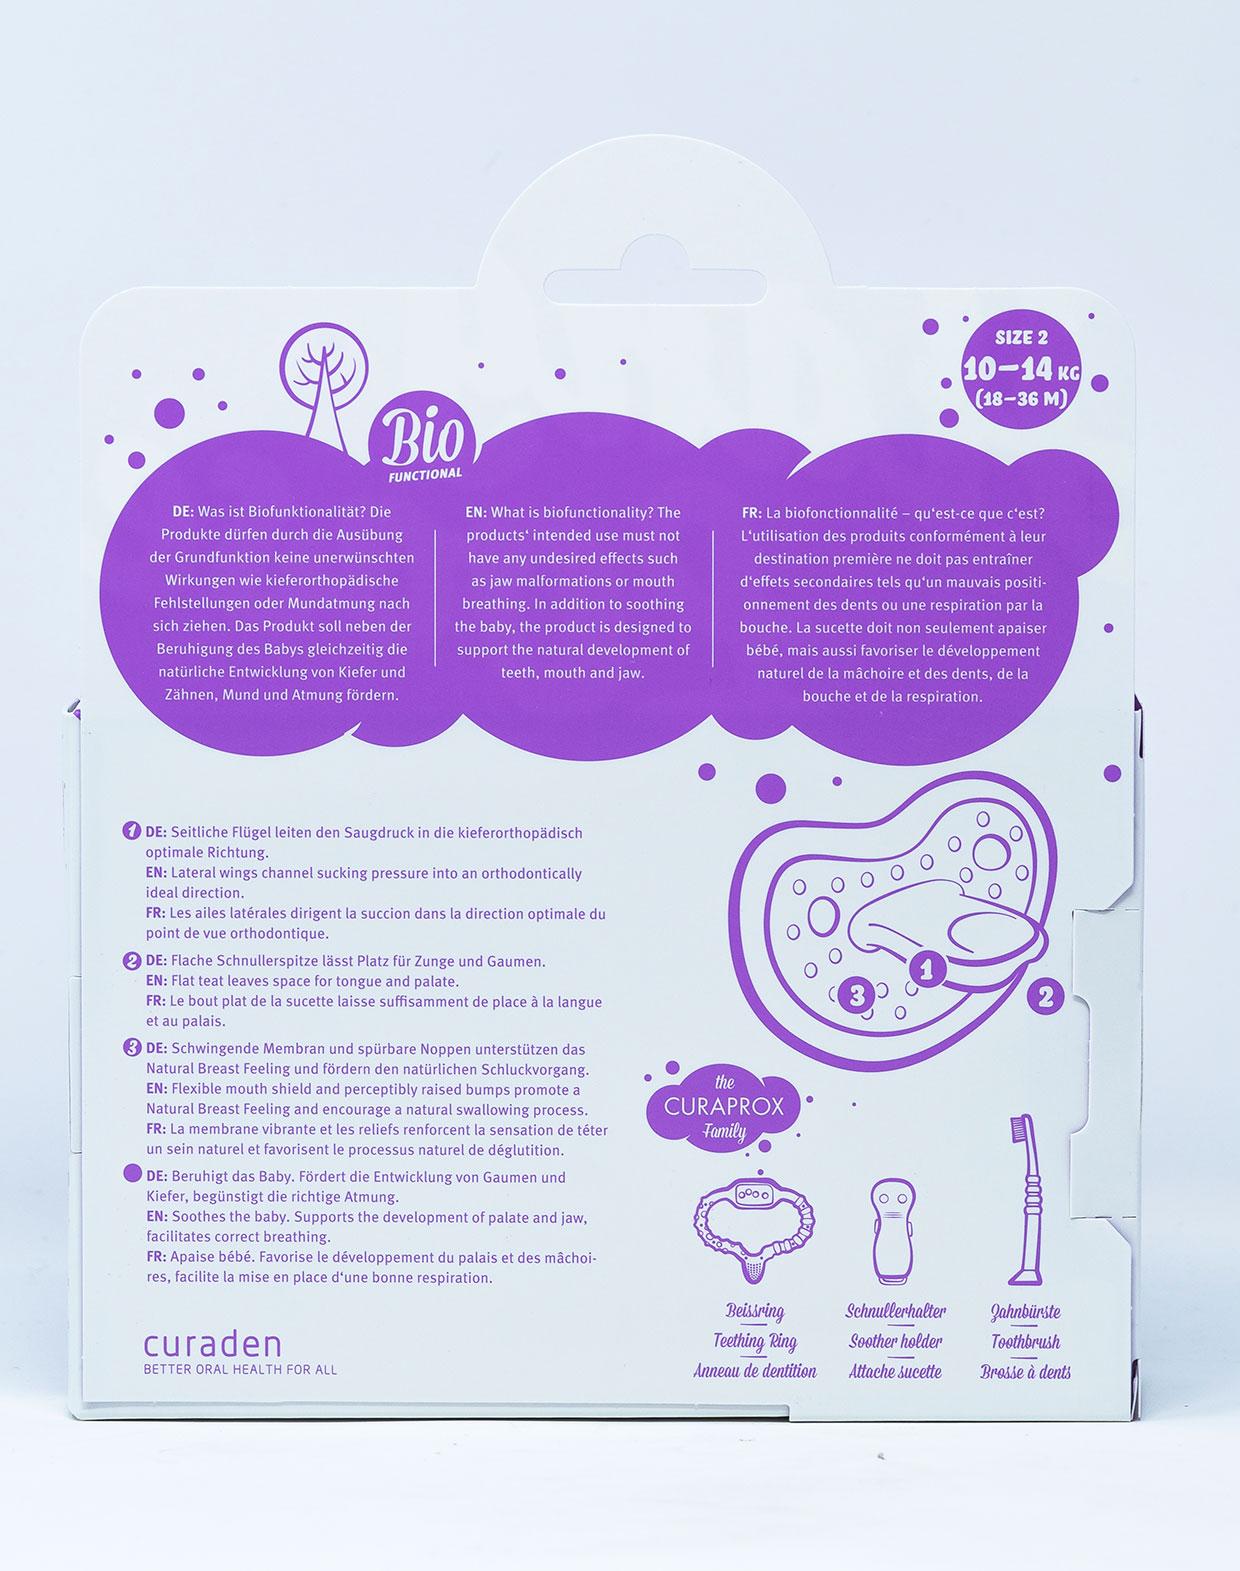 Curaprox Succhietto Taglia 2 [18- 36 mesi] 2 pz + Scatola per Igienizzazione - Vari Colori